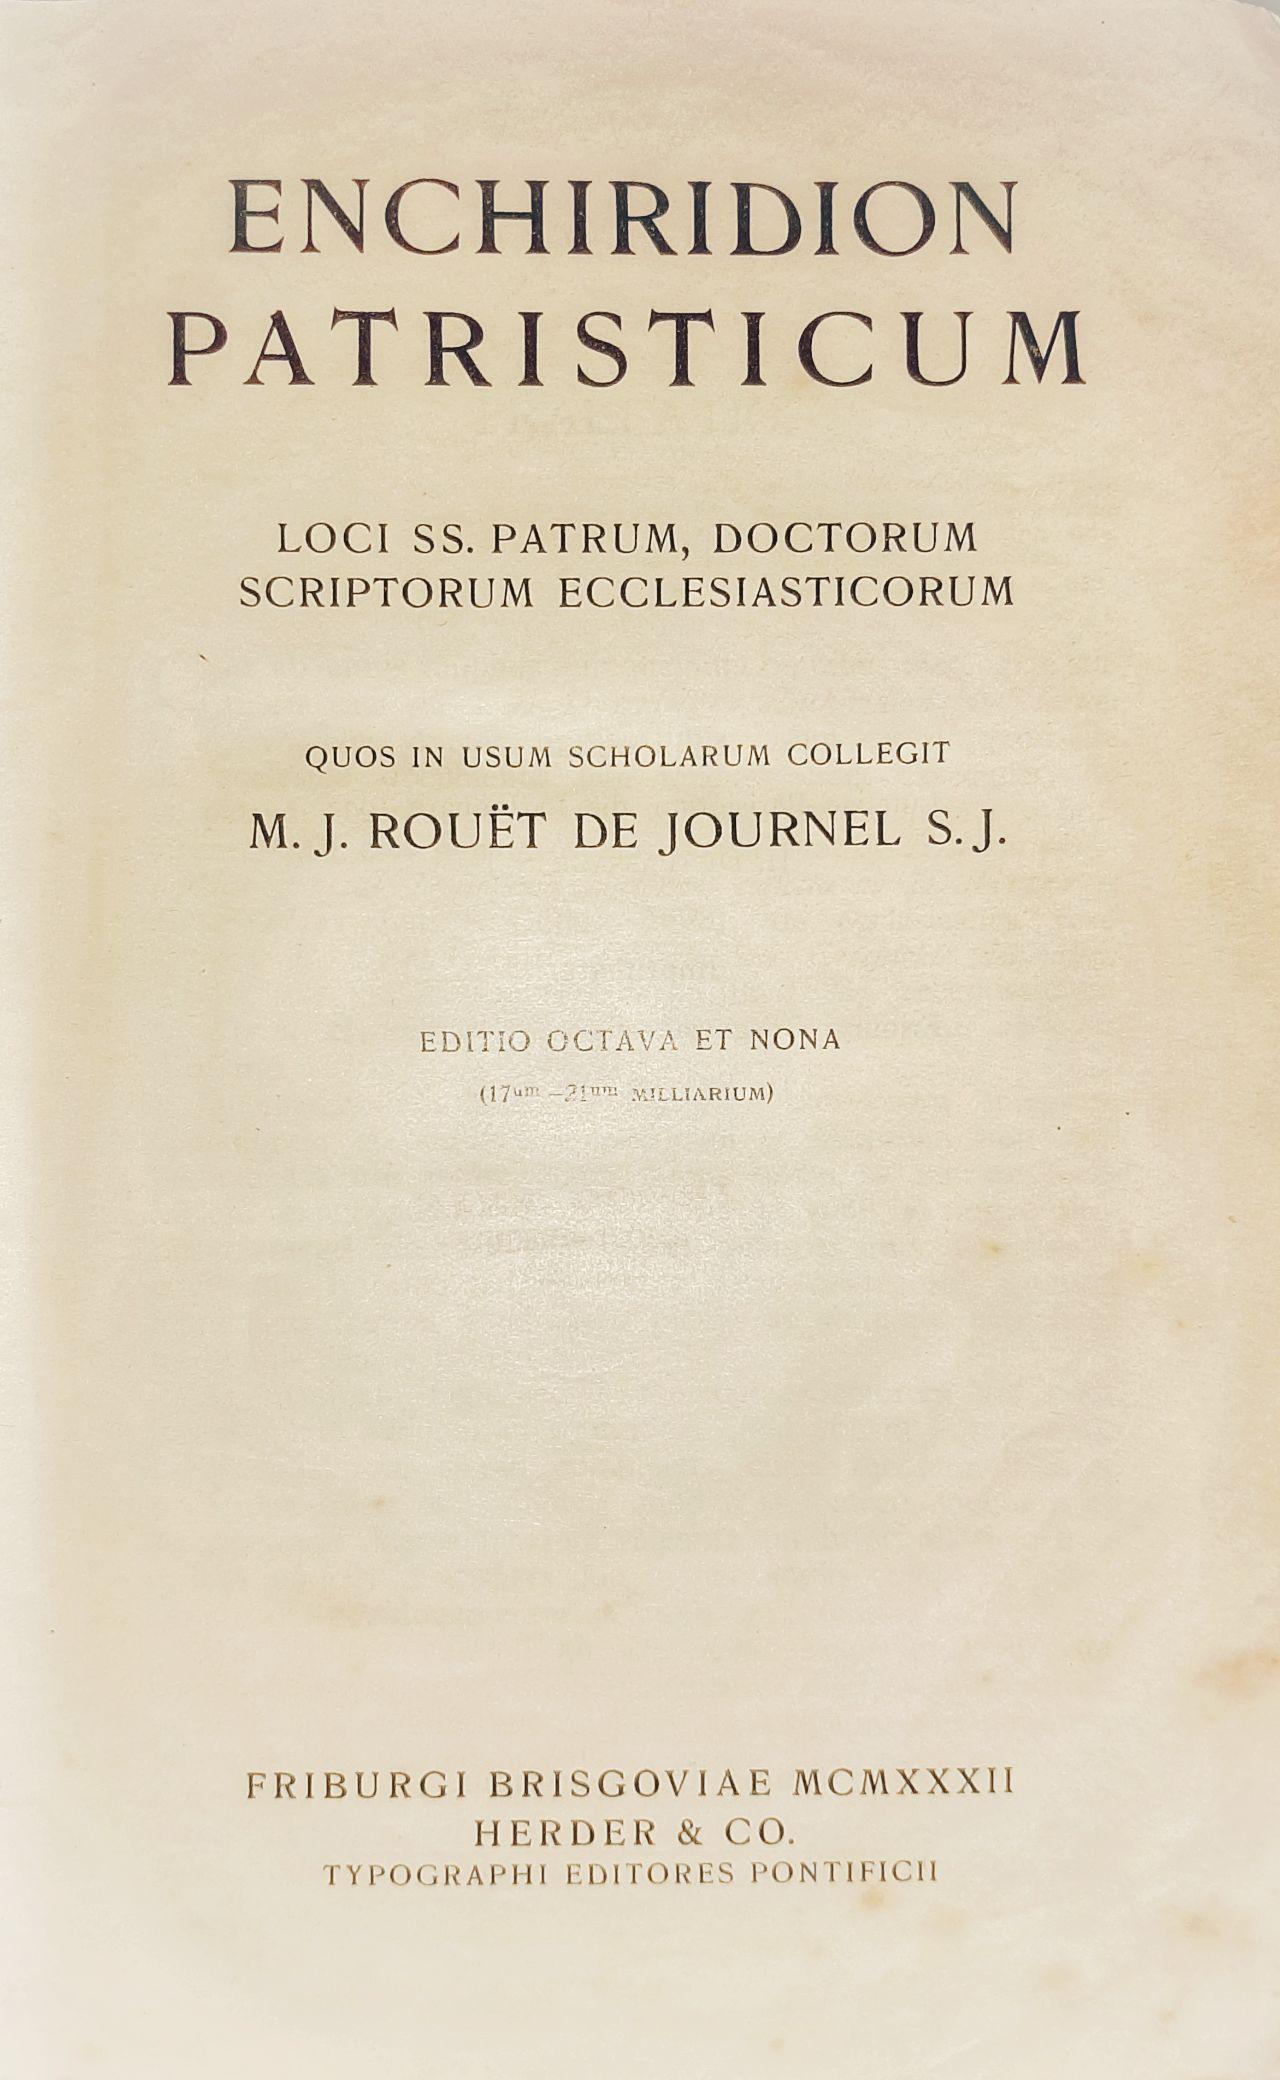 Enchiridion patristicum. Perioada Triodului (I)